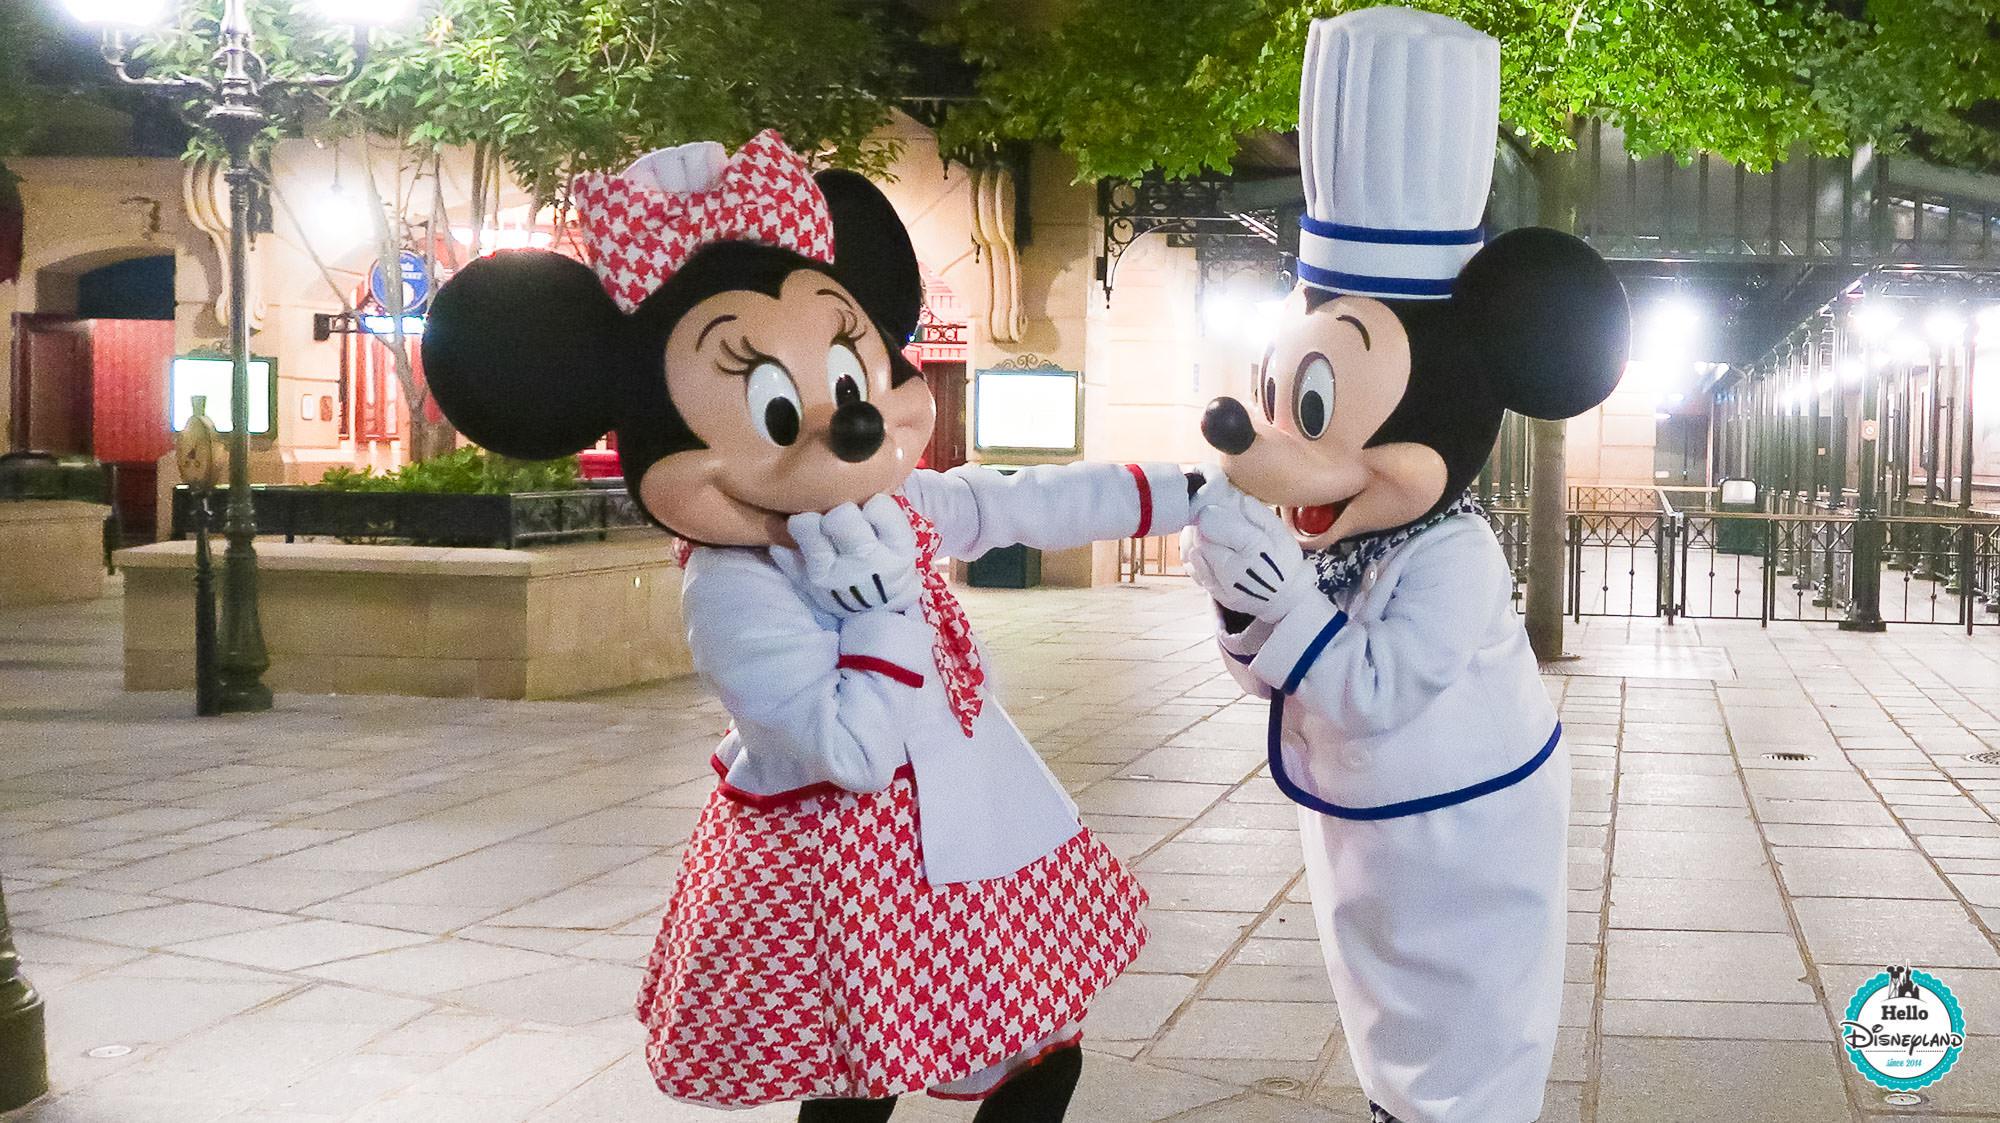 le Rendez-Vous Gourmand de Disneyland Paris